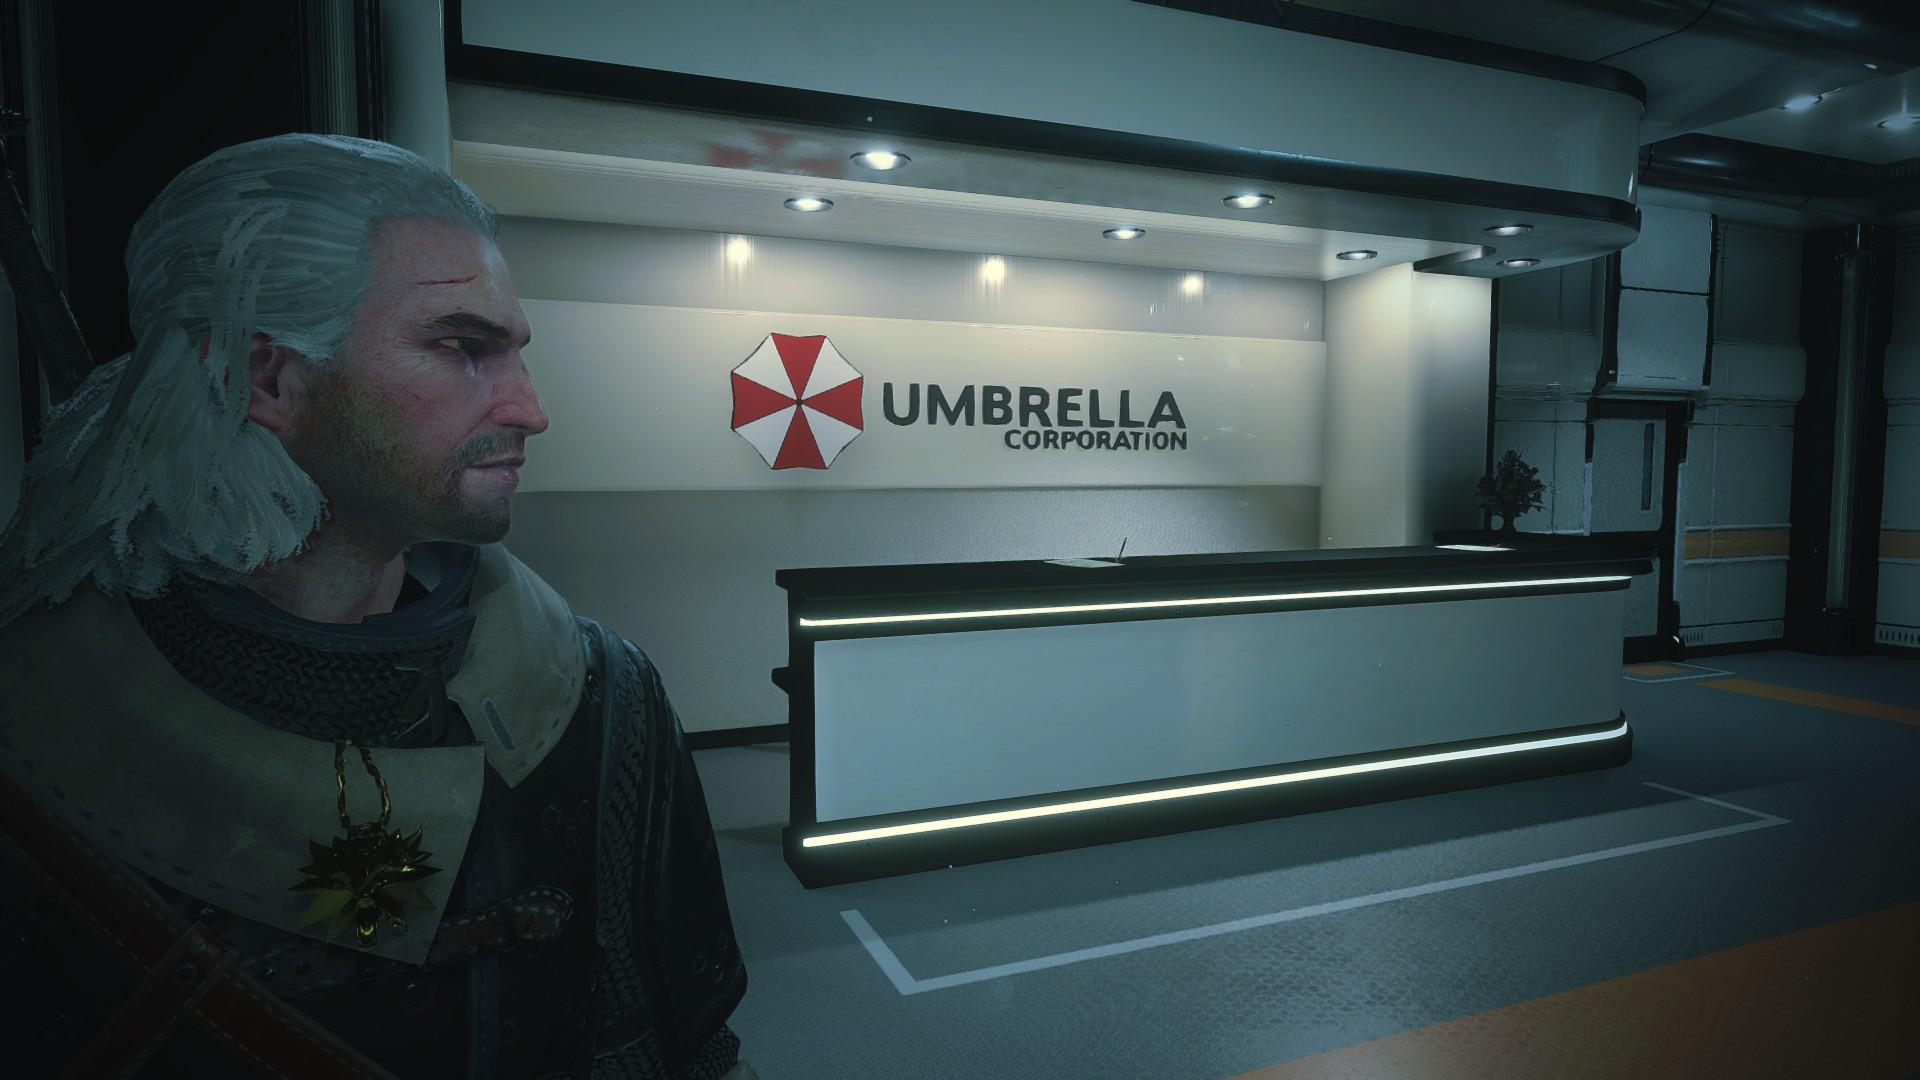 Благодаря моду, в ремейк Resident Evil 2 можно сыграть за Геральта